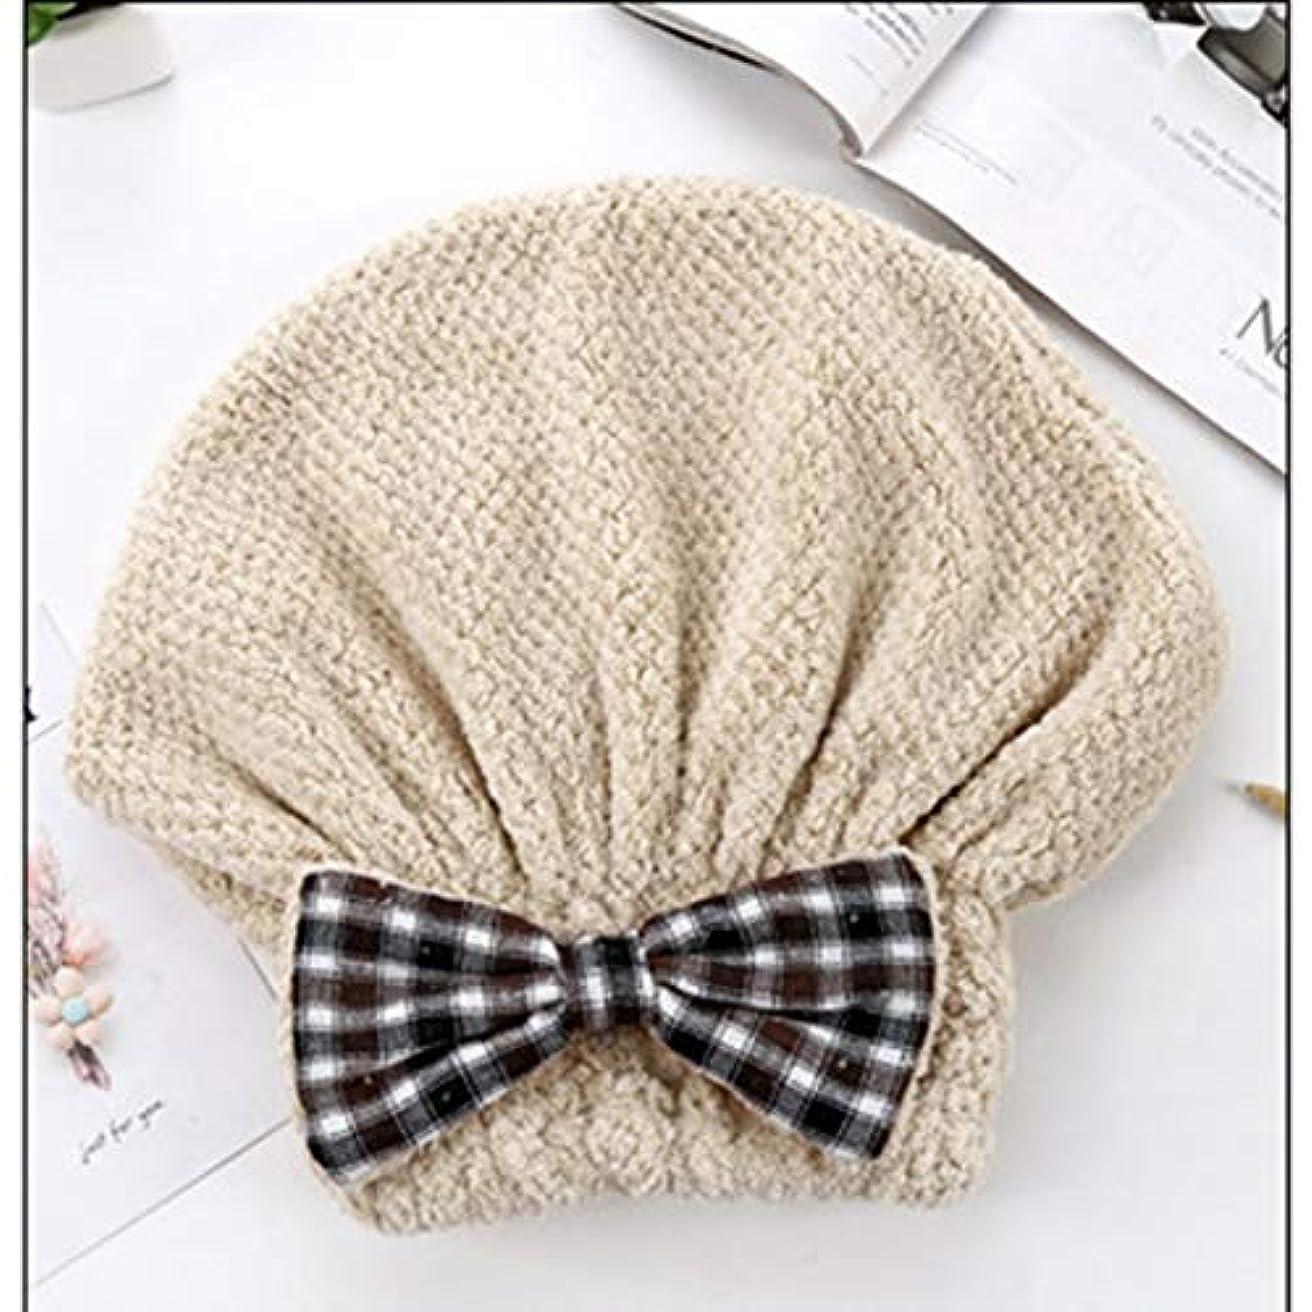 立ち寄る樹皮更新するSwiftgood ヘアタオルラップ、ボタン付きヘアドライヤータオル、マイクロファイバーヘアタオル、乾いた髪の帽子、バスヘアキャップ